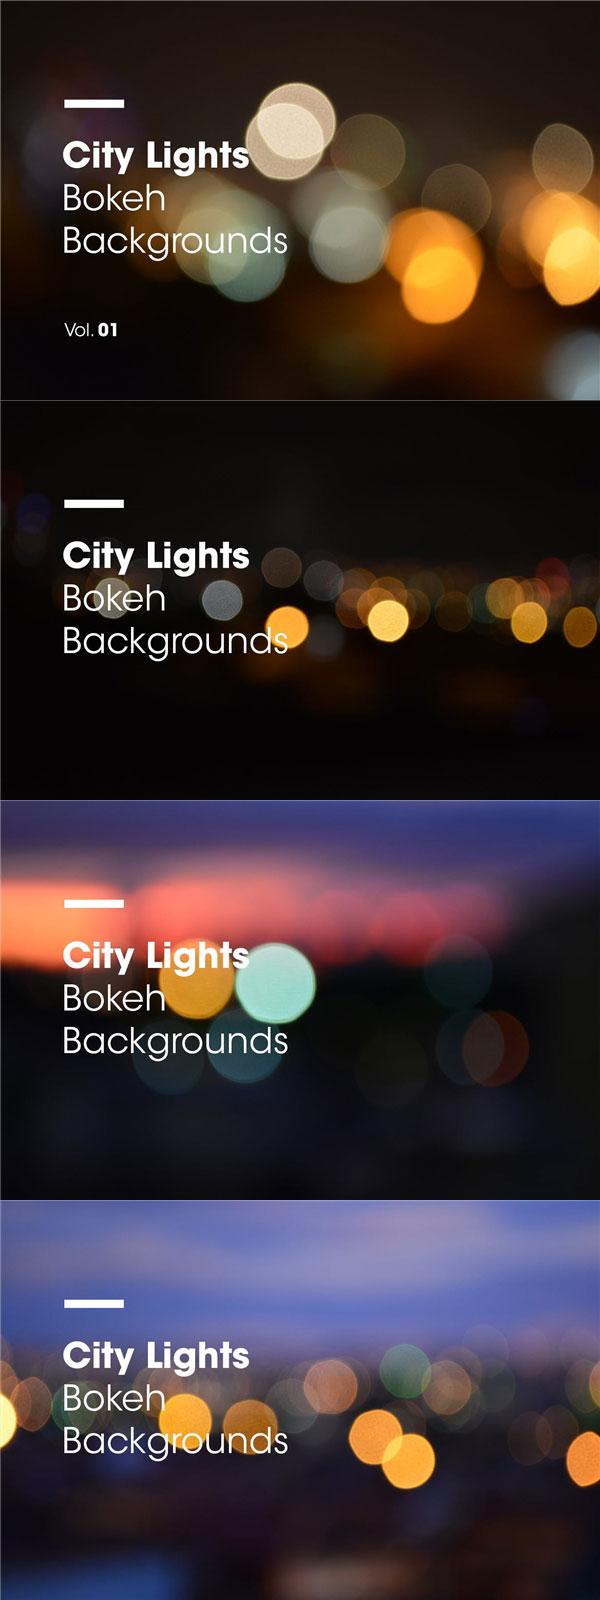 城市夜晚灯光背景